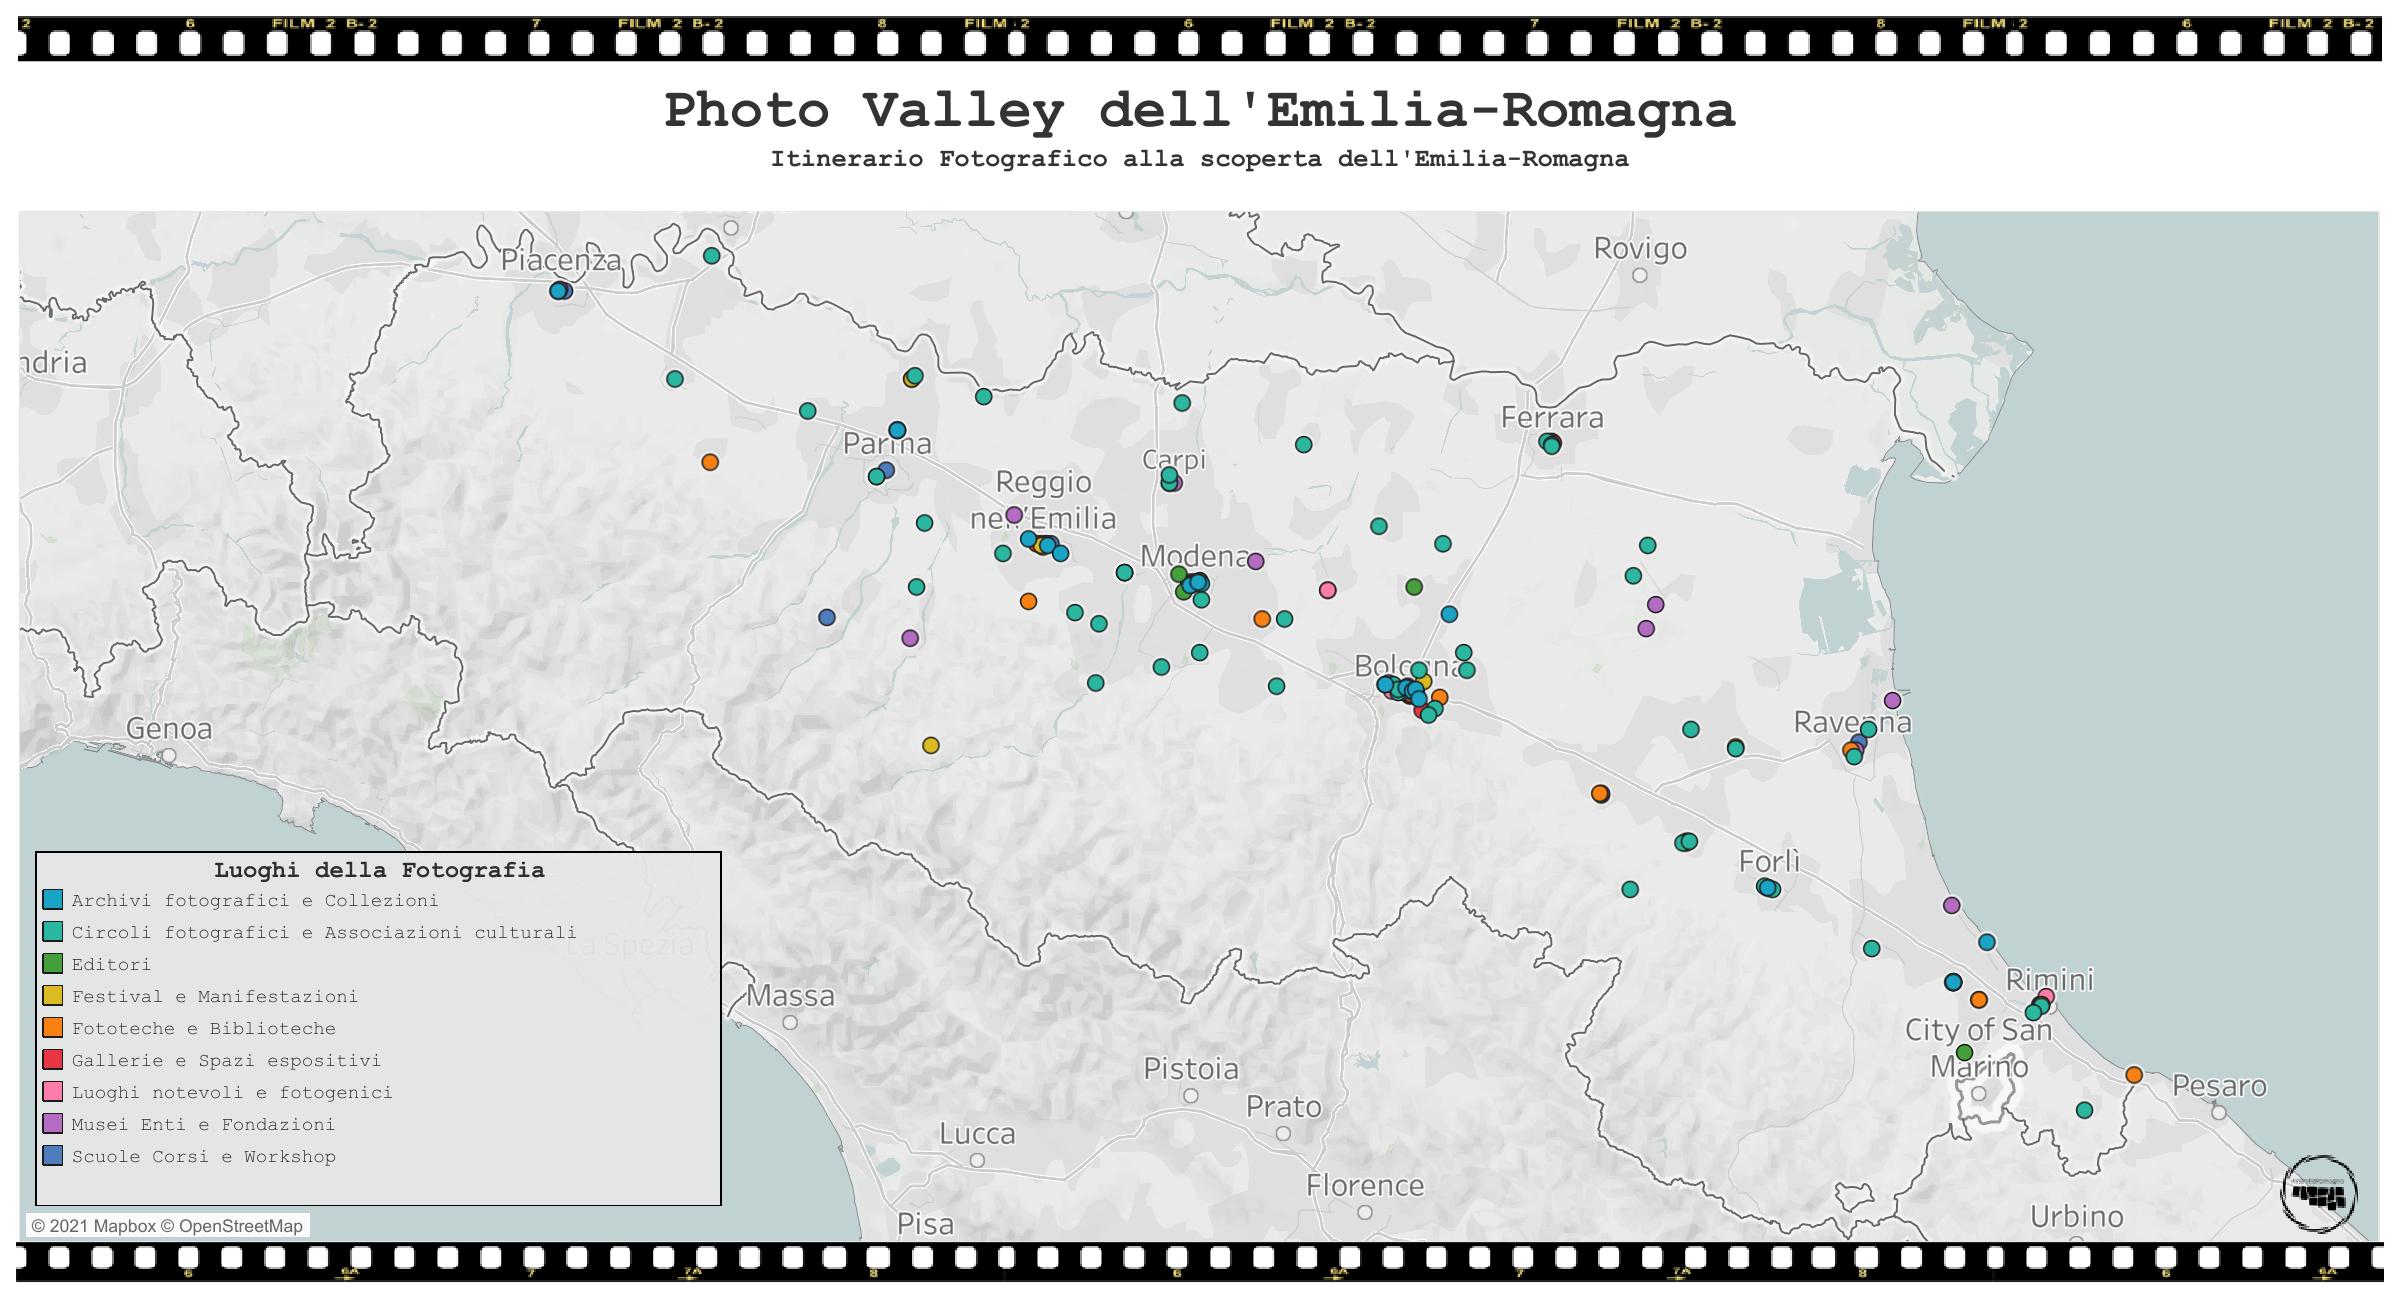 Photo Valley: i luoghi della fotografia in Emilia-Romagna